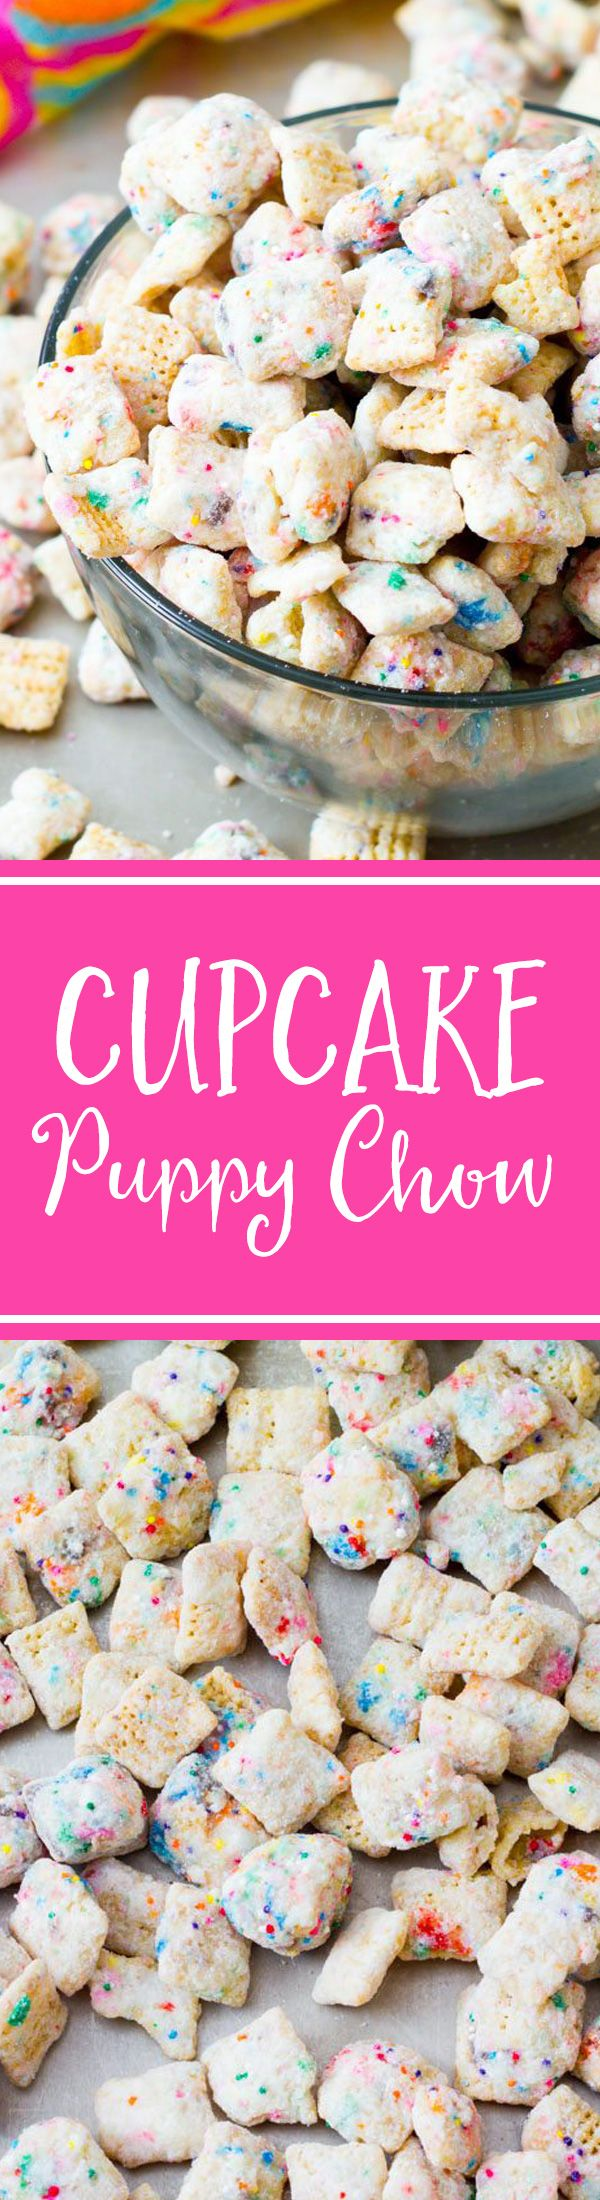 Addicting snack mix that tastes like cupcake batter! Made without cake mix. Recipe on sallysbakingaddiction.com